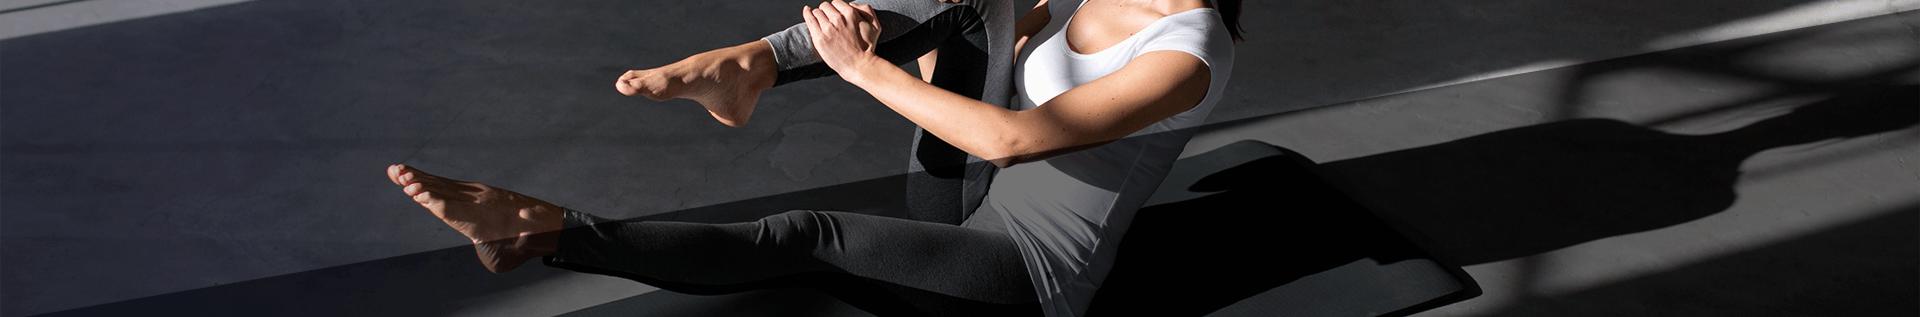 Килимки для йоги